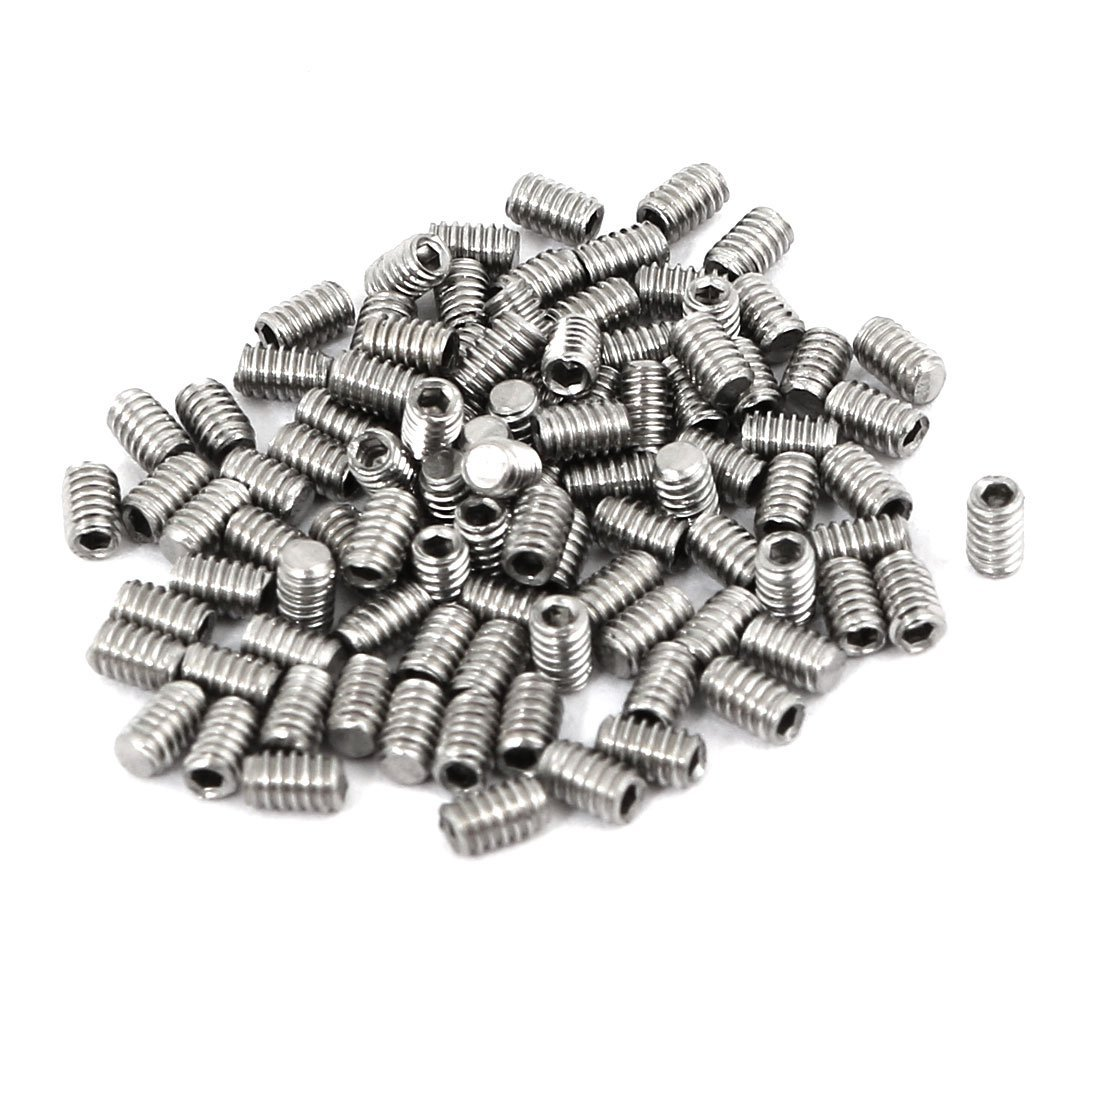 100 pcs Tornillo Prisionero M2 x 3 mm de acero inoxidable ...